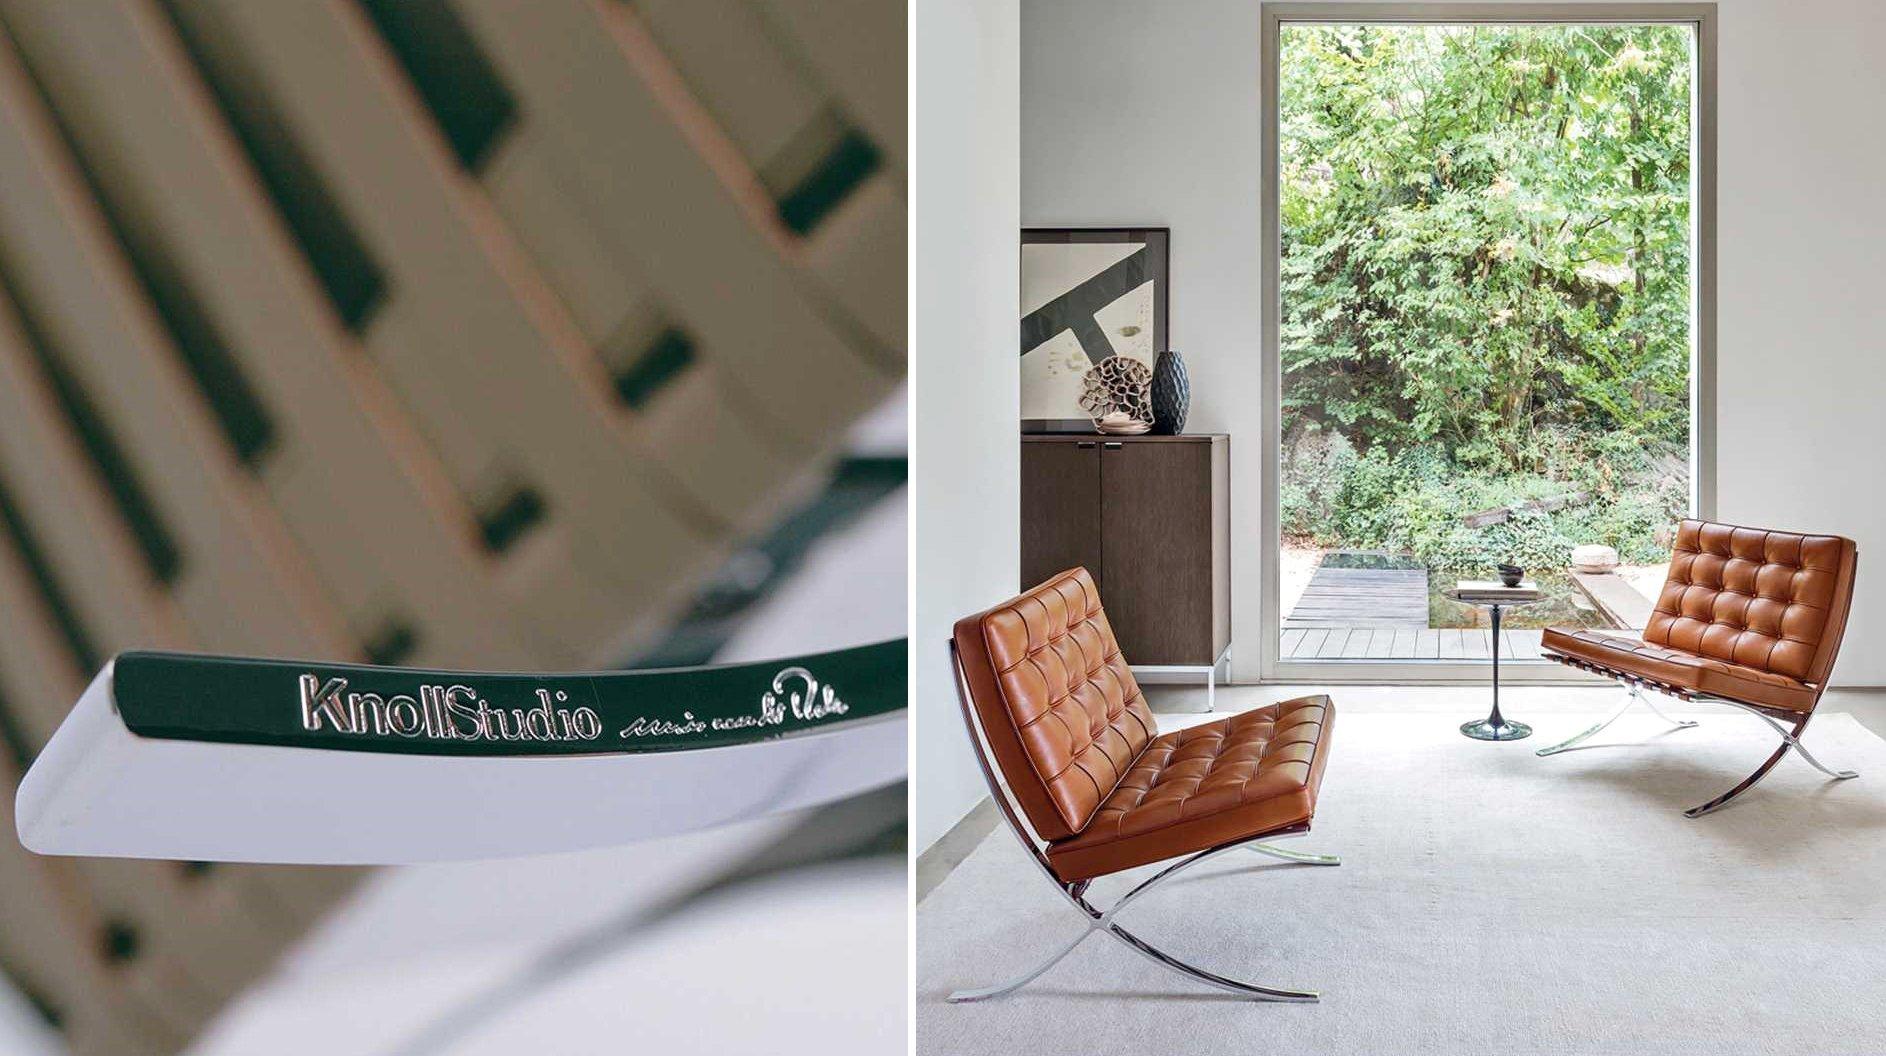 Rabari Vloerkleden Nanimarquina : Blog misterdesign: new and improved misterdesign